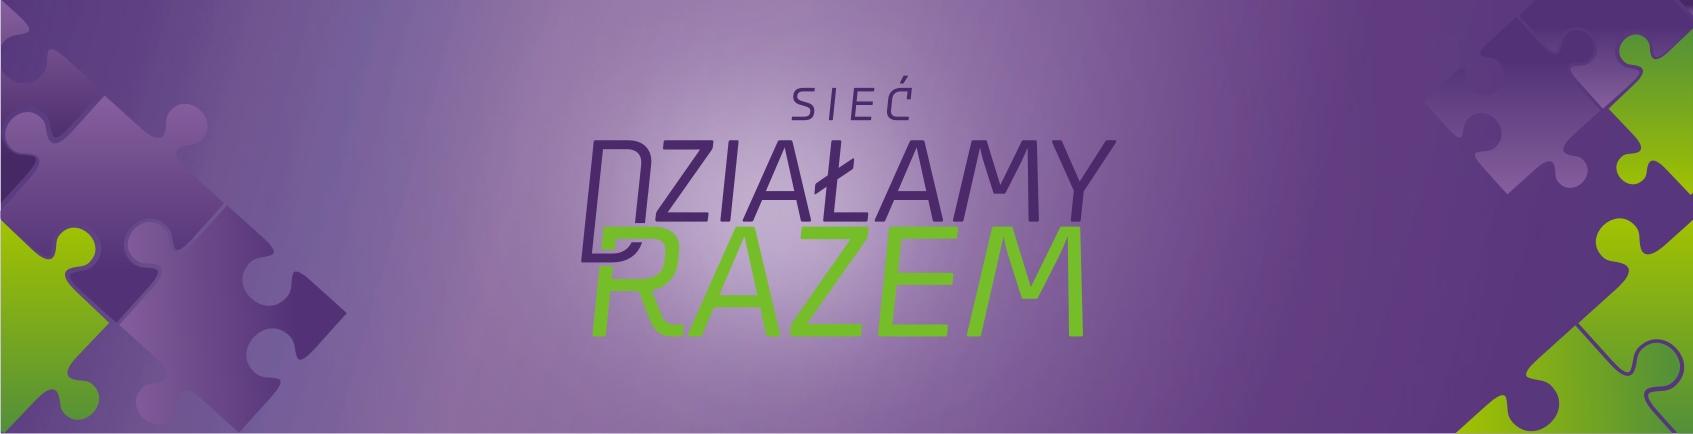 Baner z logo Wielkopolskiej Sieci Organizacji Pozarządowych Działamy Razem